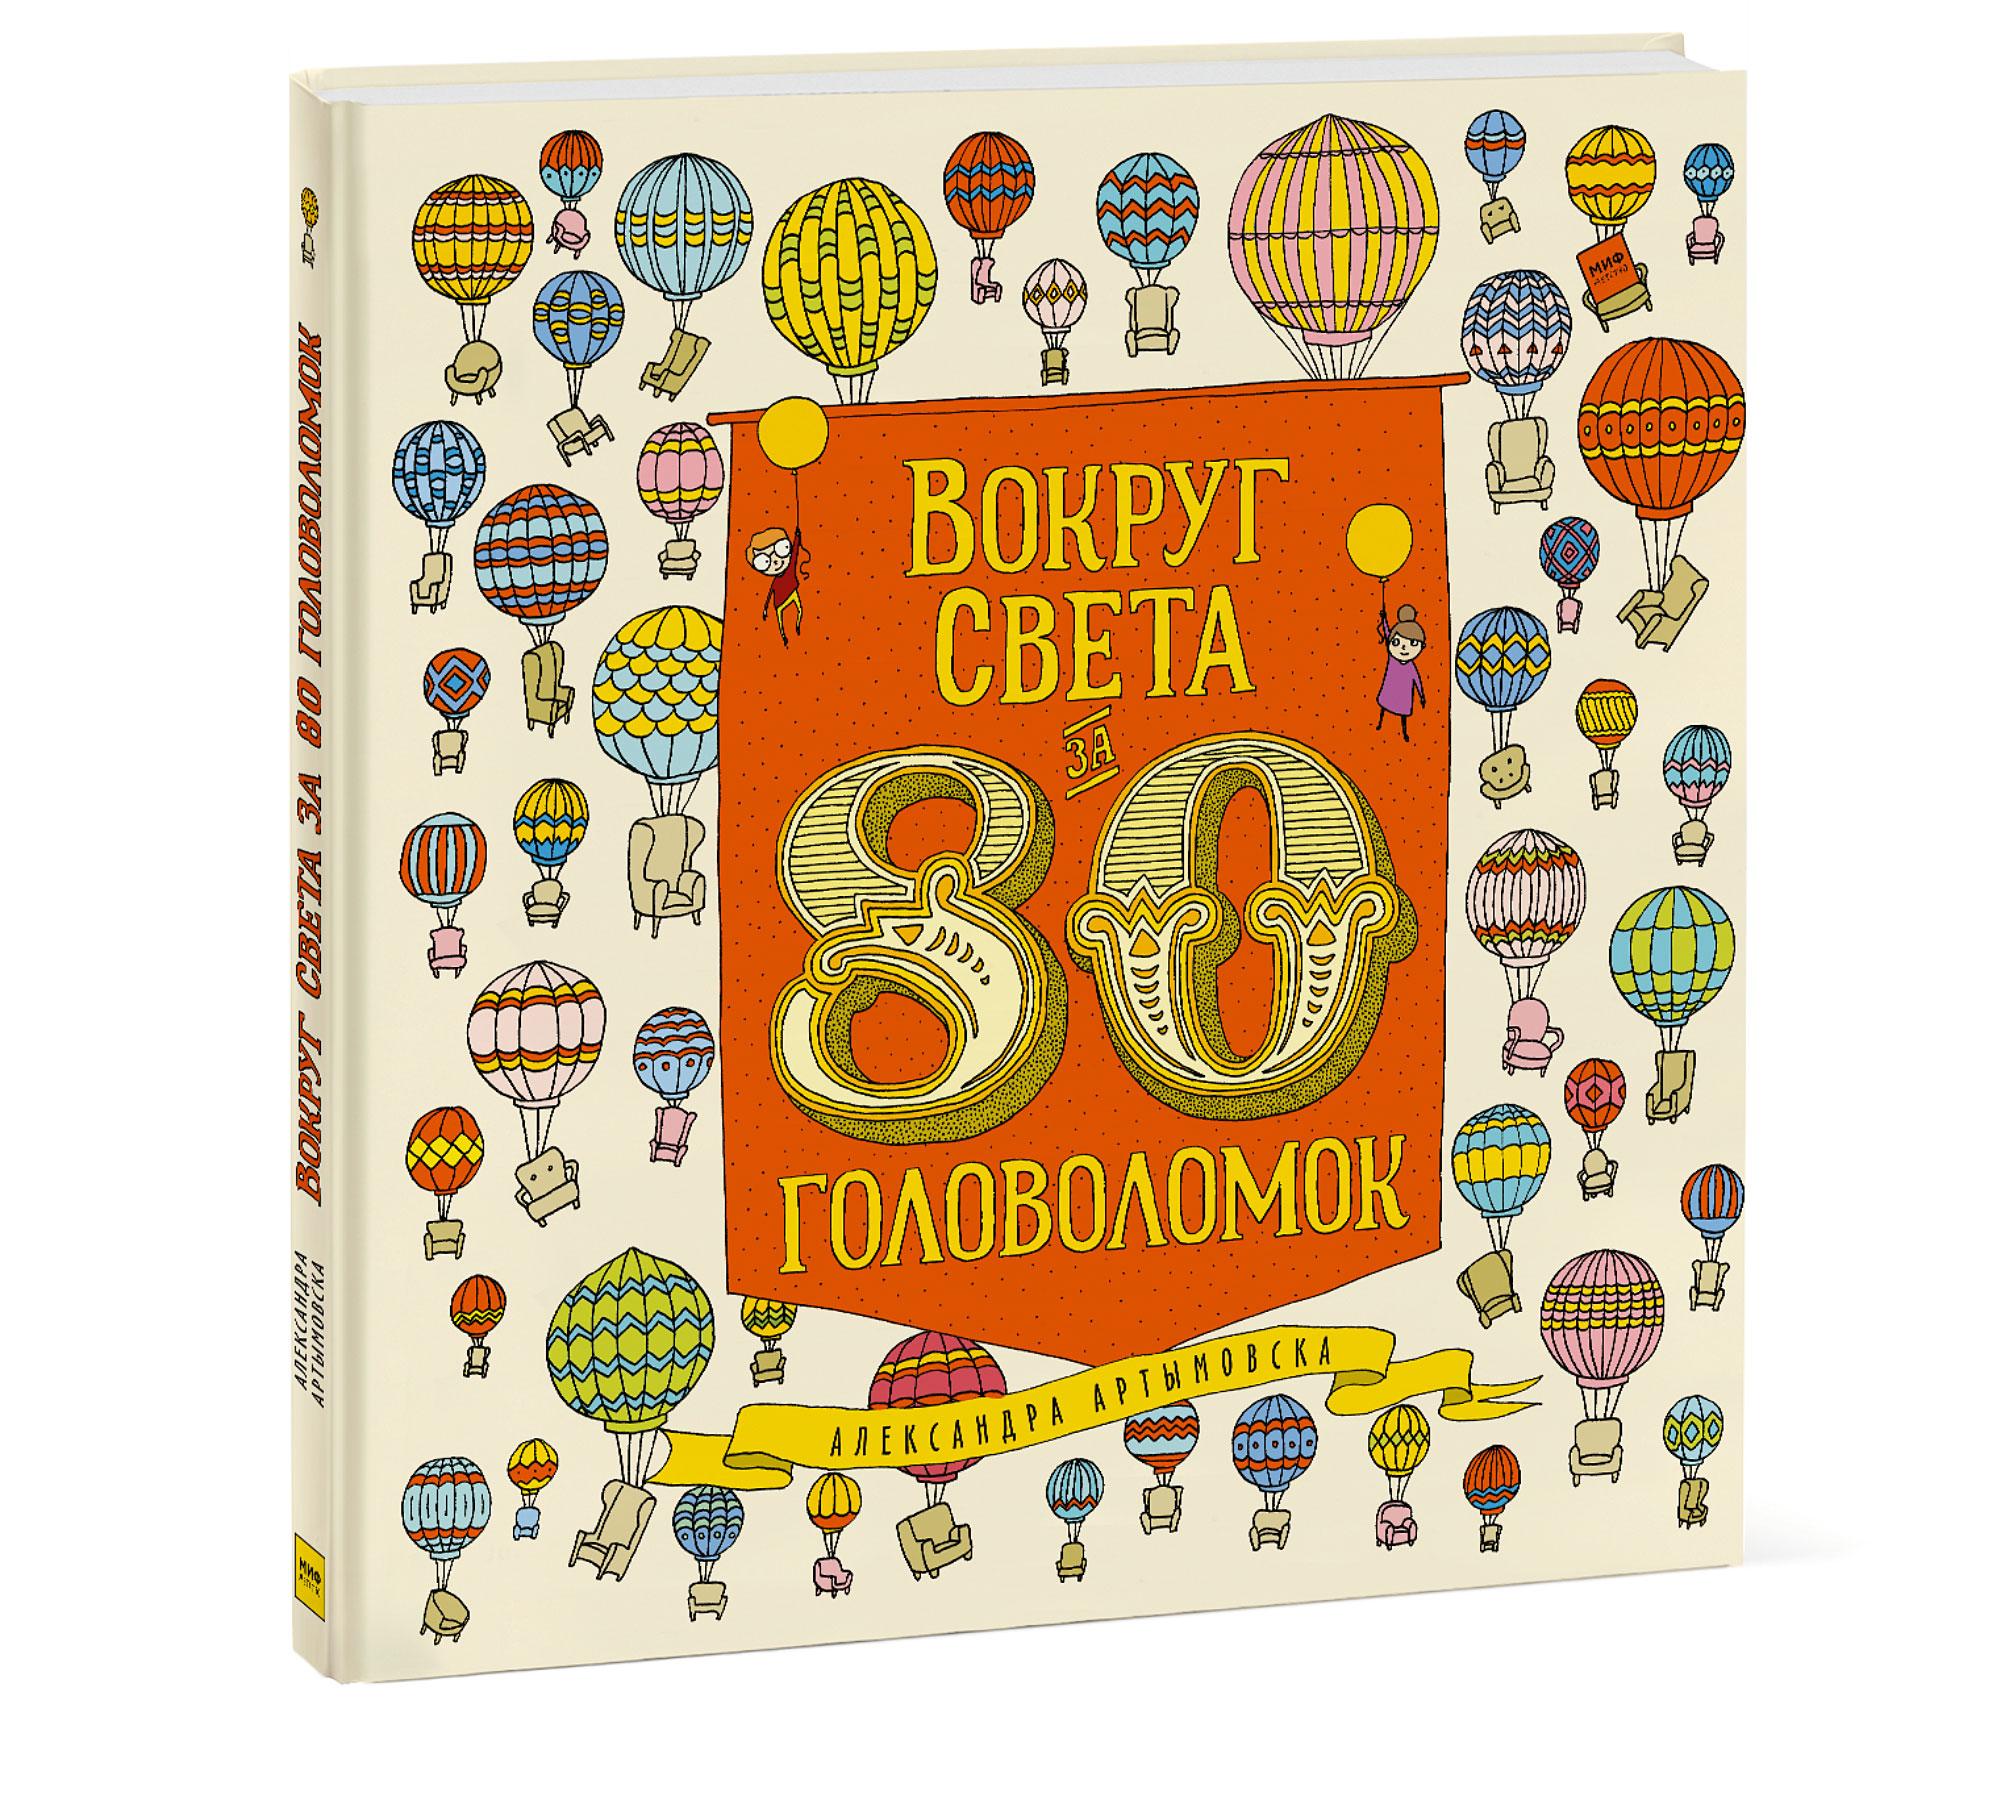 Александра Артымовска Вокруг света за 80 головоломок